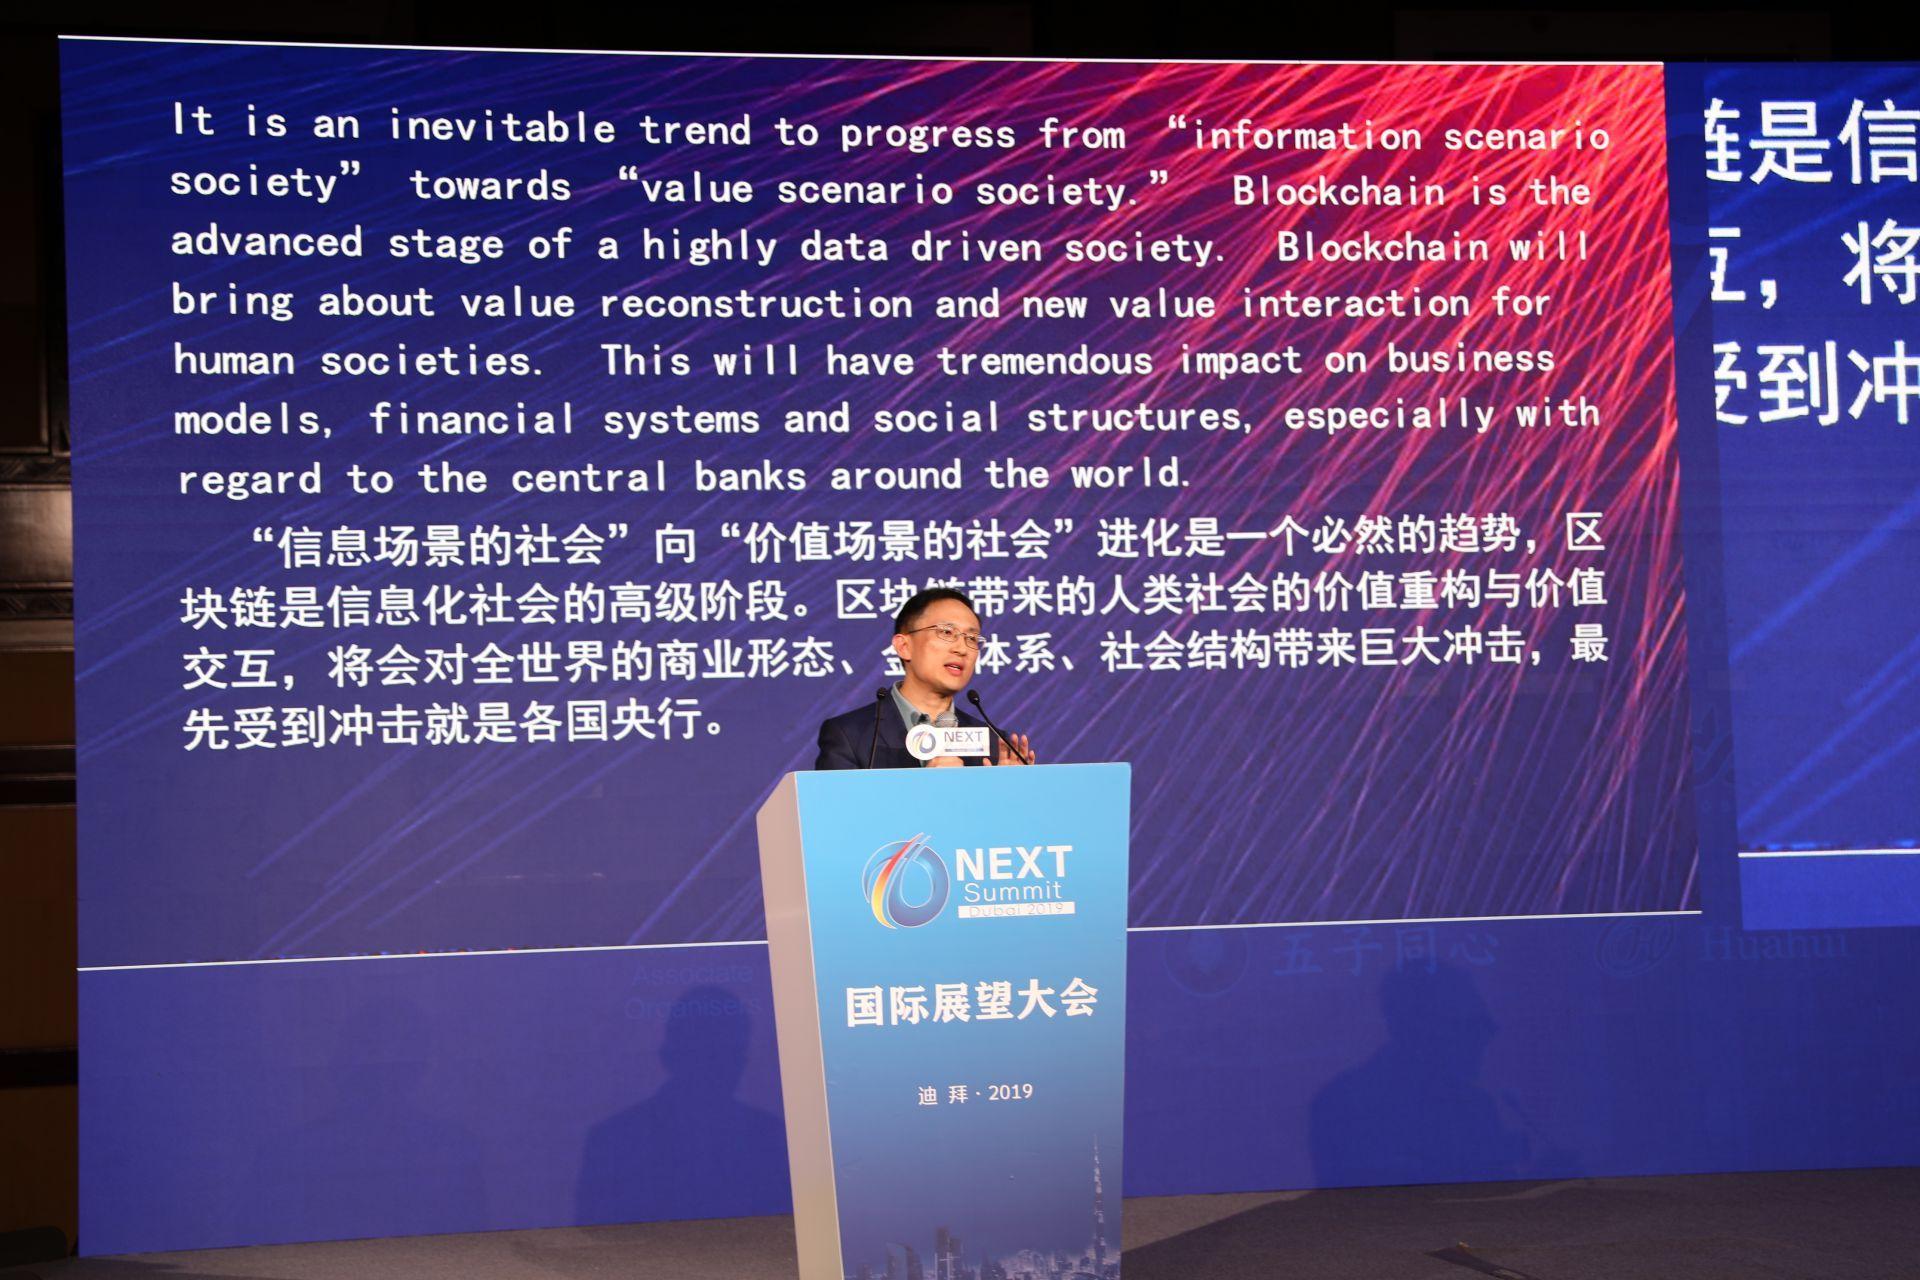 千城攻略鄭志軍:構建央行主權貨幣通證驅動下的新經濟